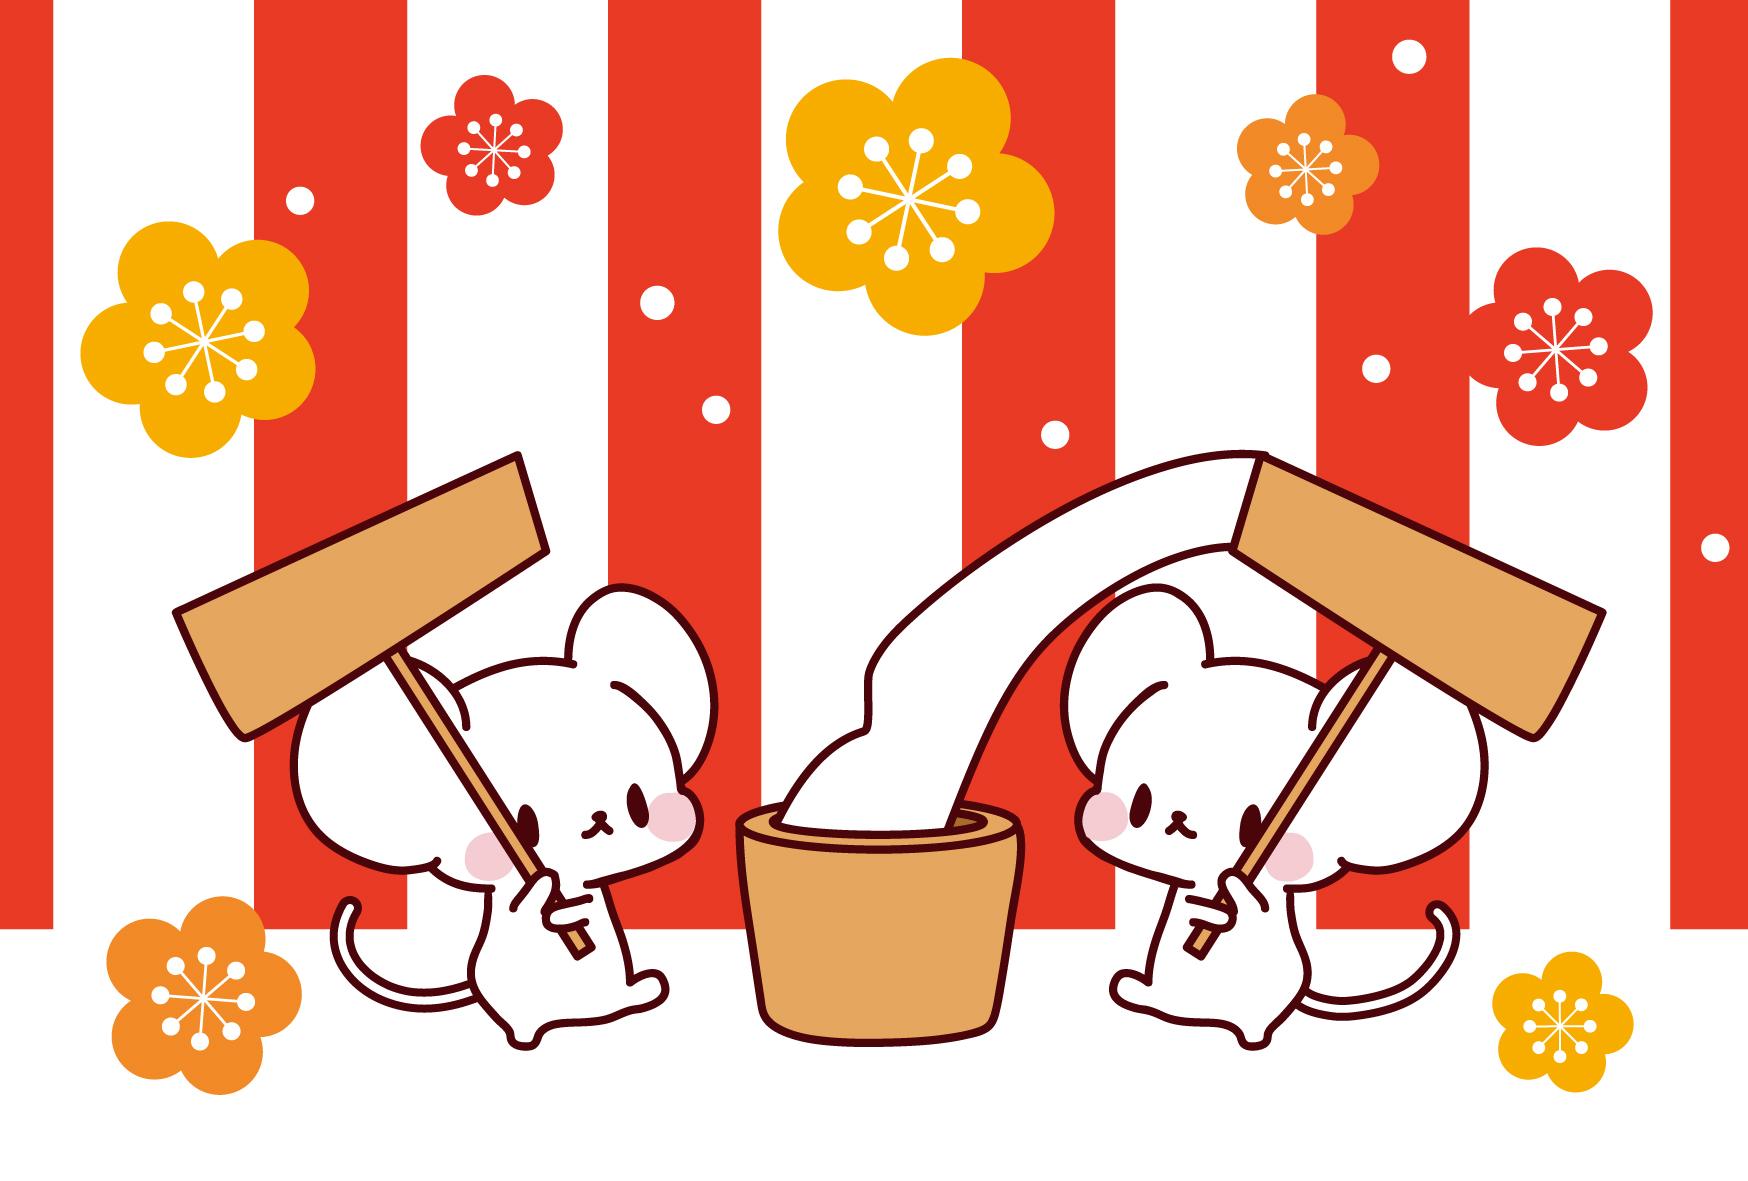 白いネズミが餅つきをしている無料イラストの2020年の年賀状素材